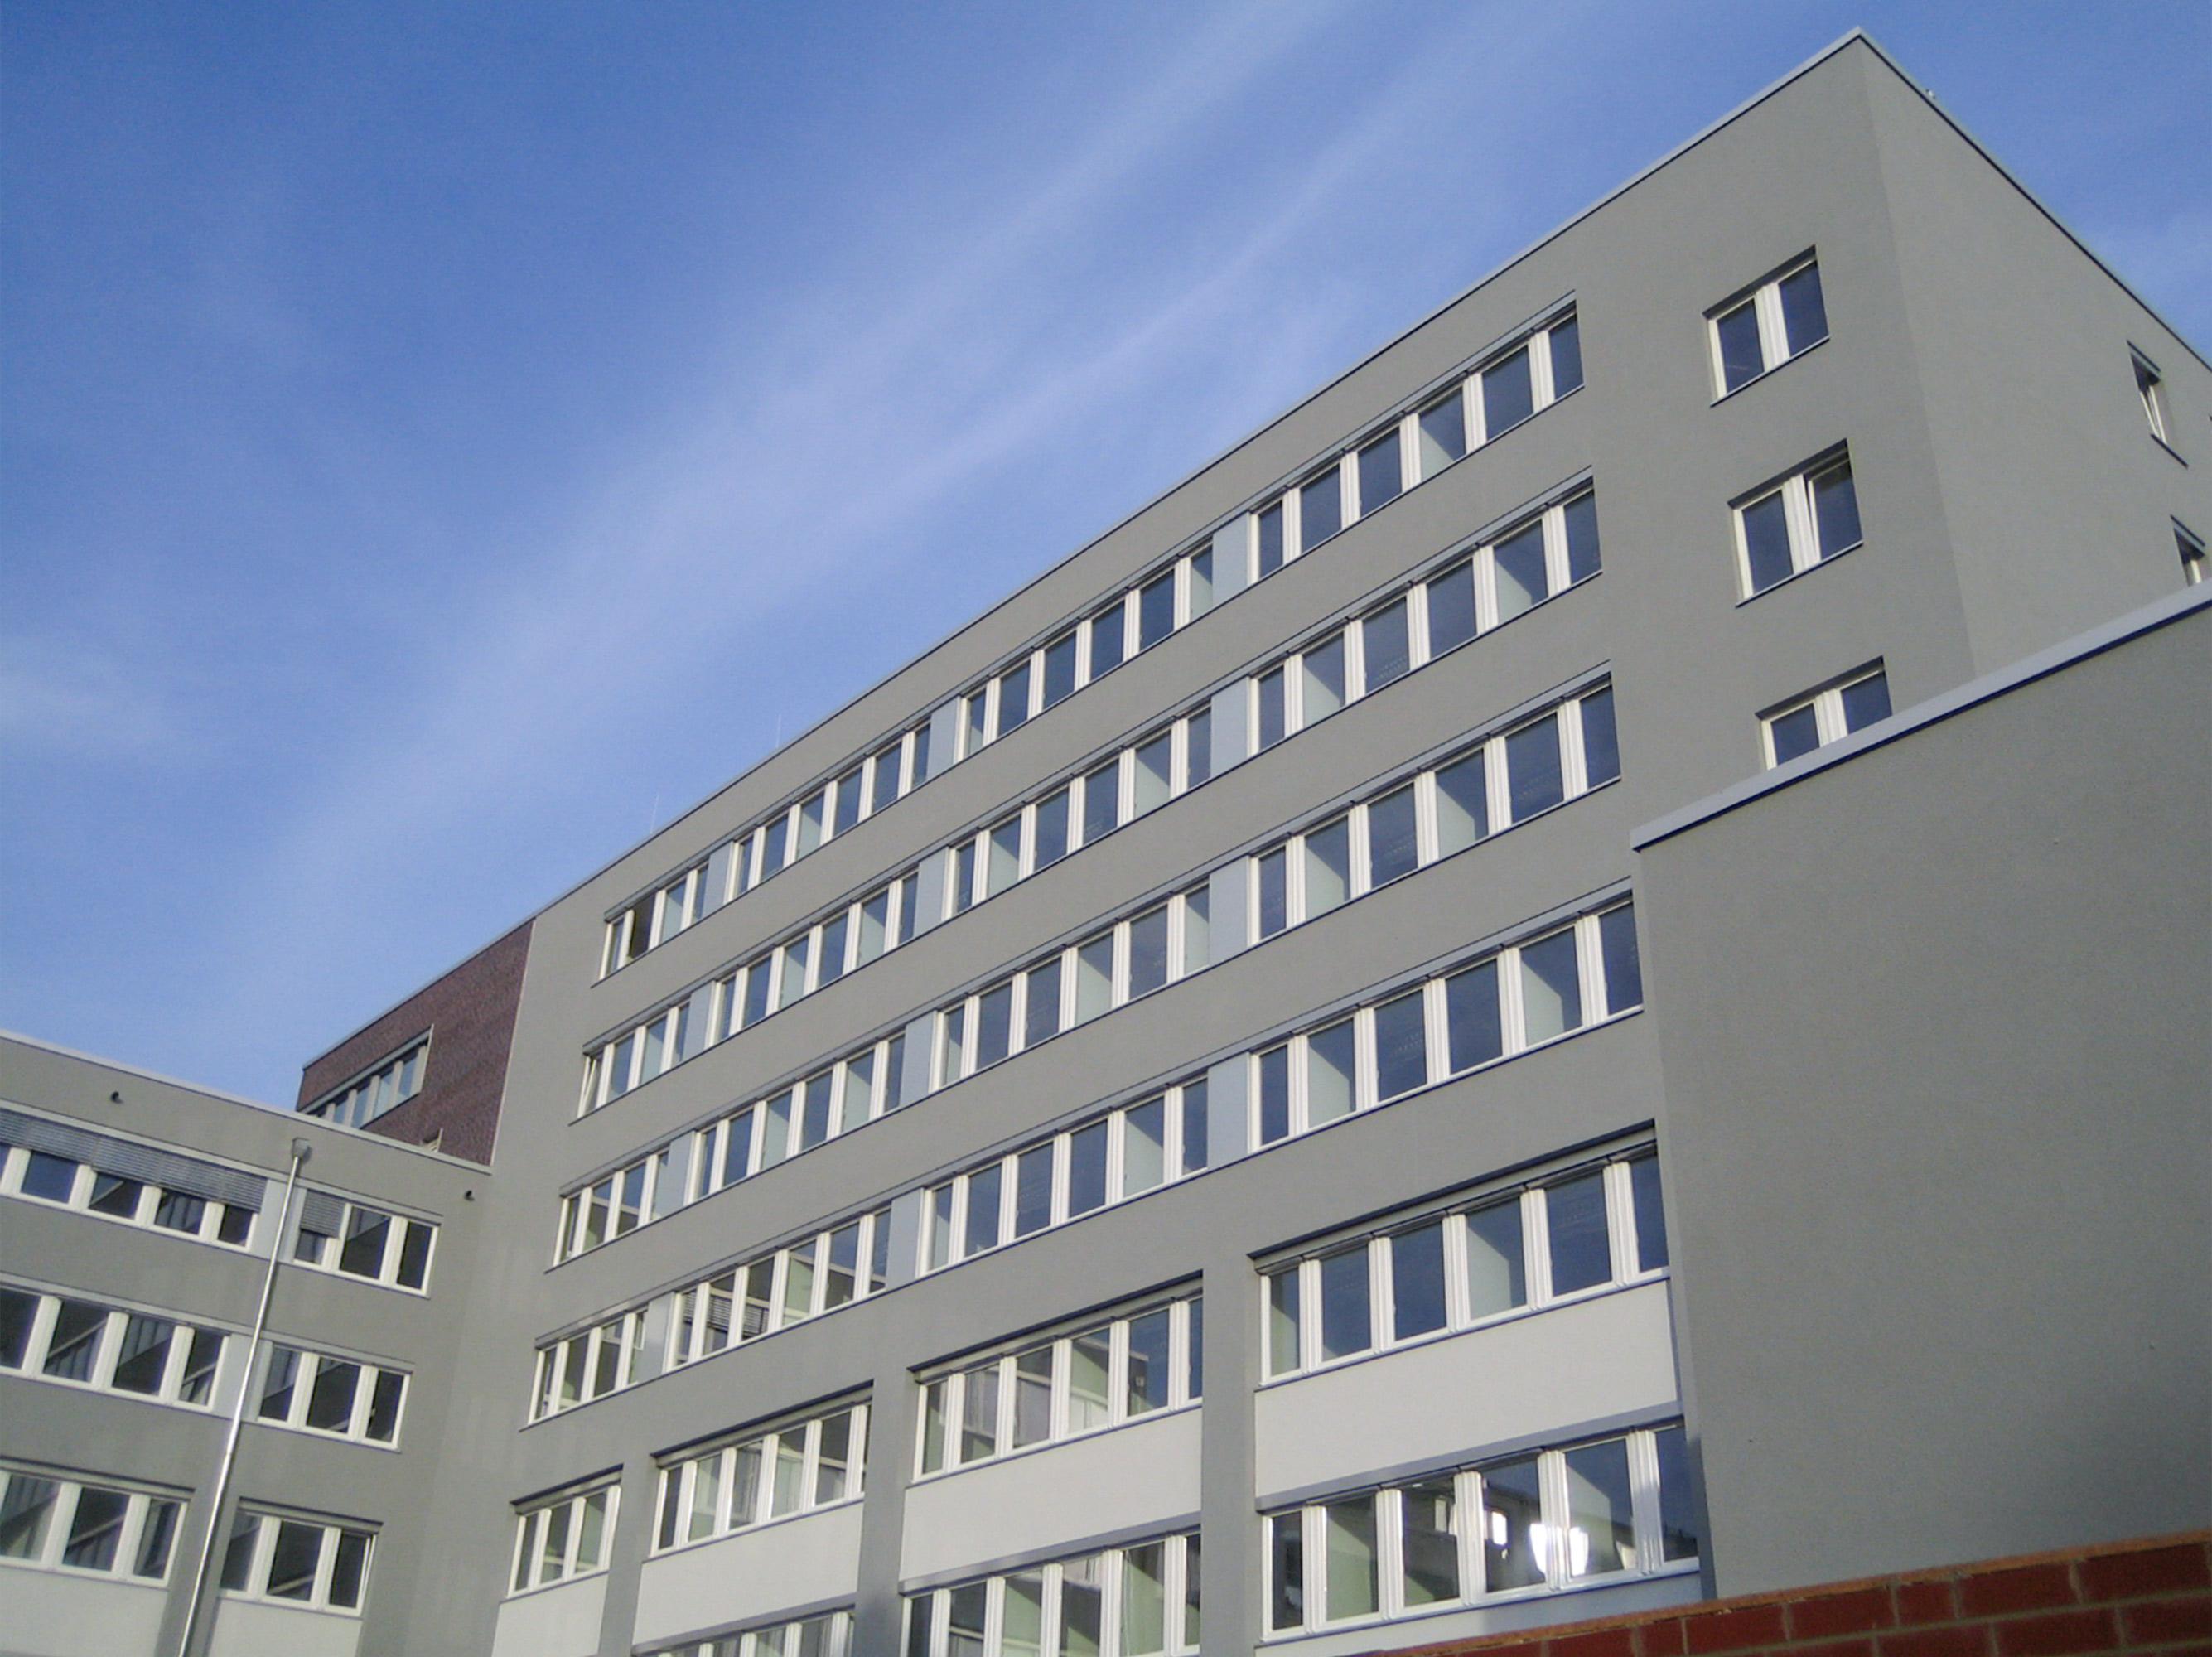 Schanzenstraße, Düsseldorf